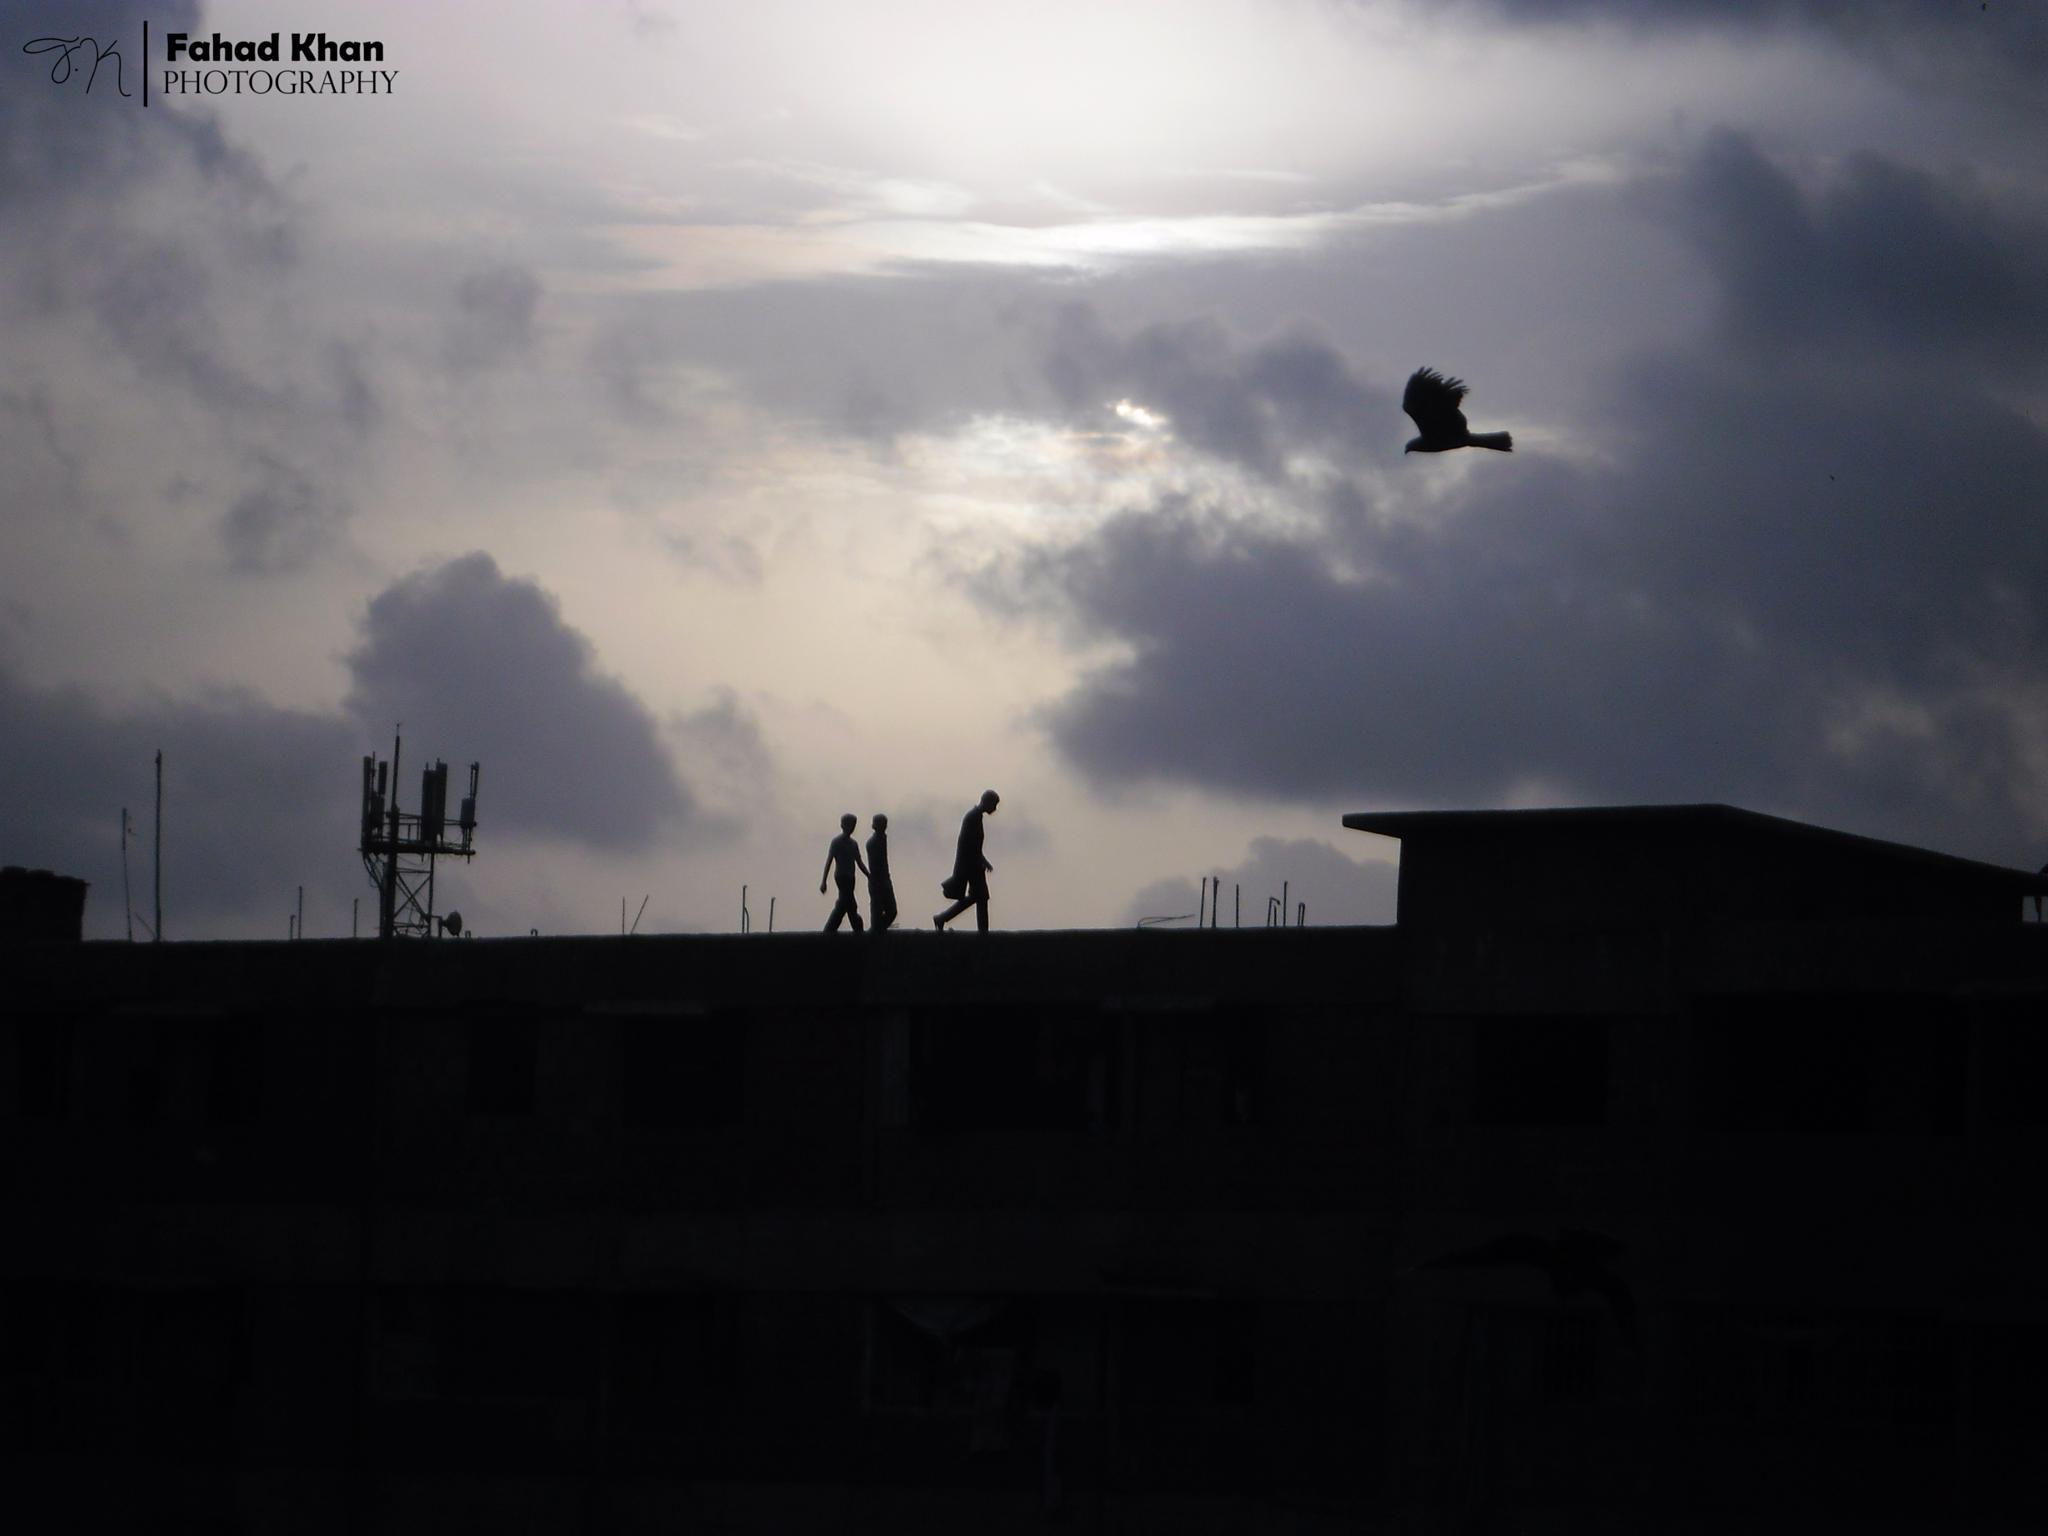 """""""Let's walk on the sky"""" by Fahad Khan"""